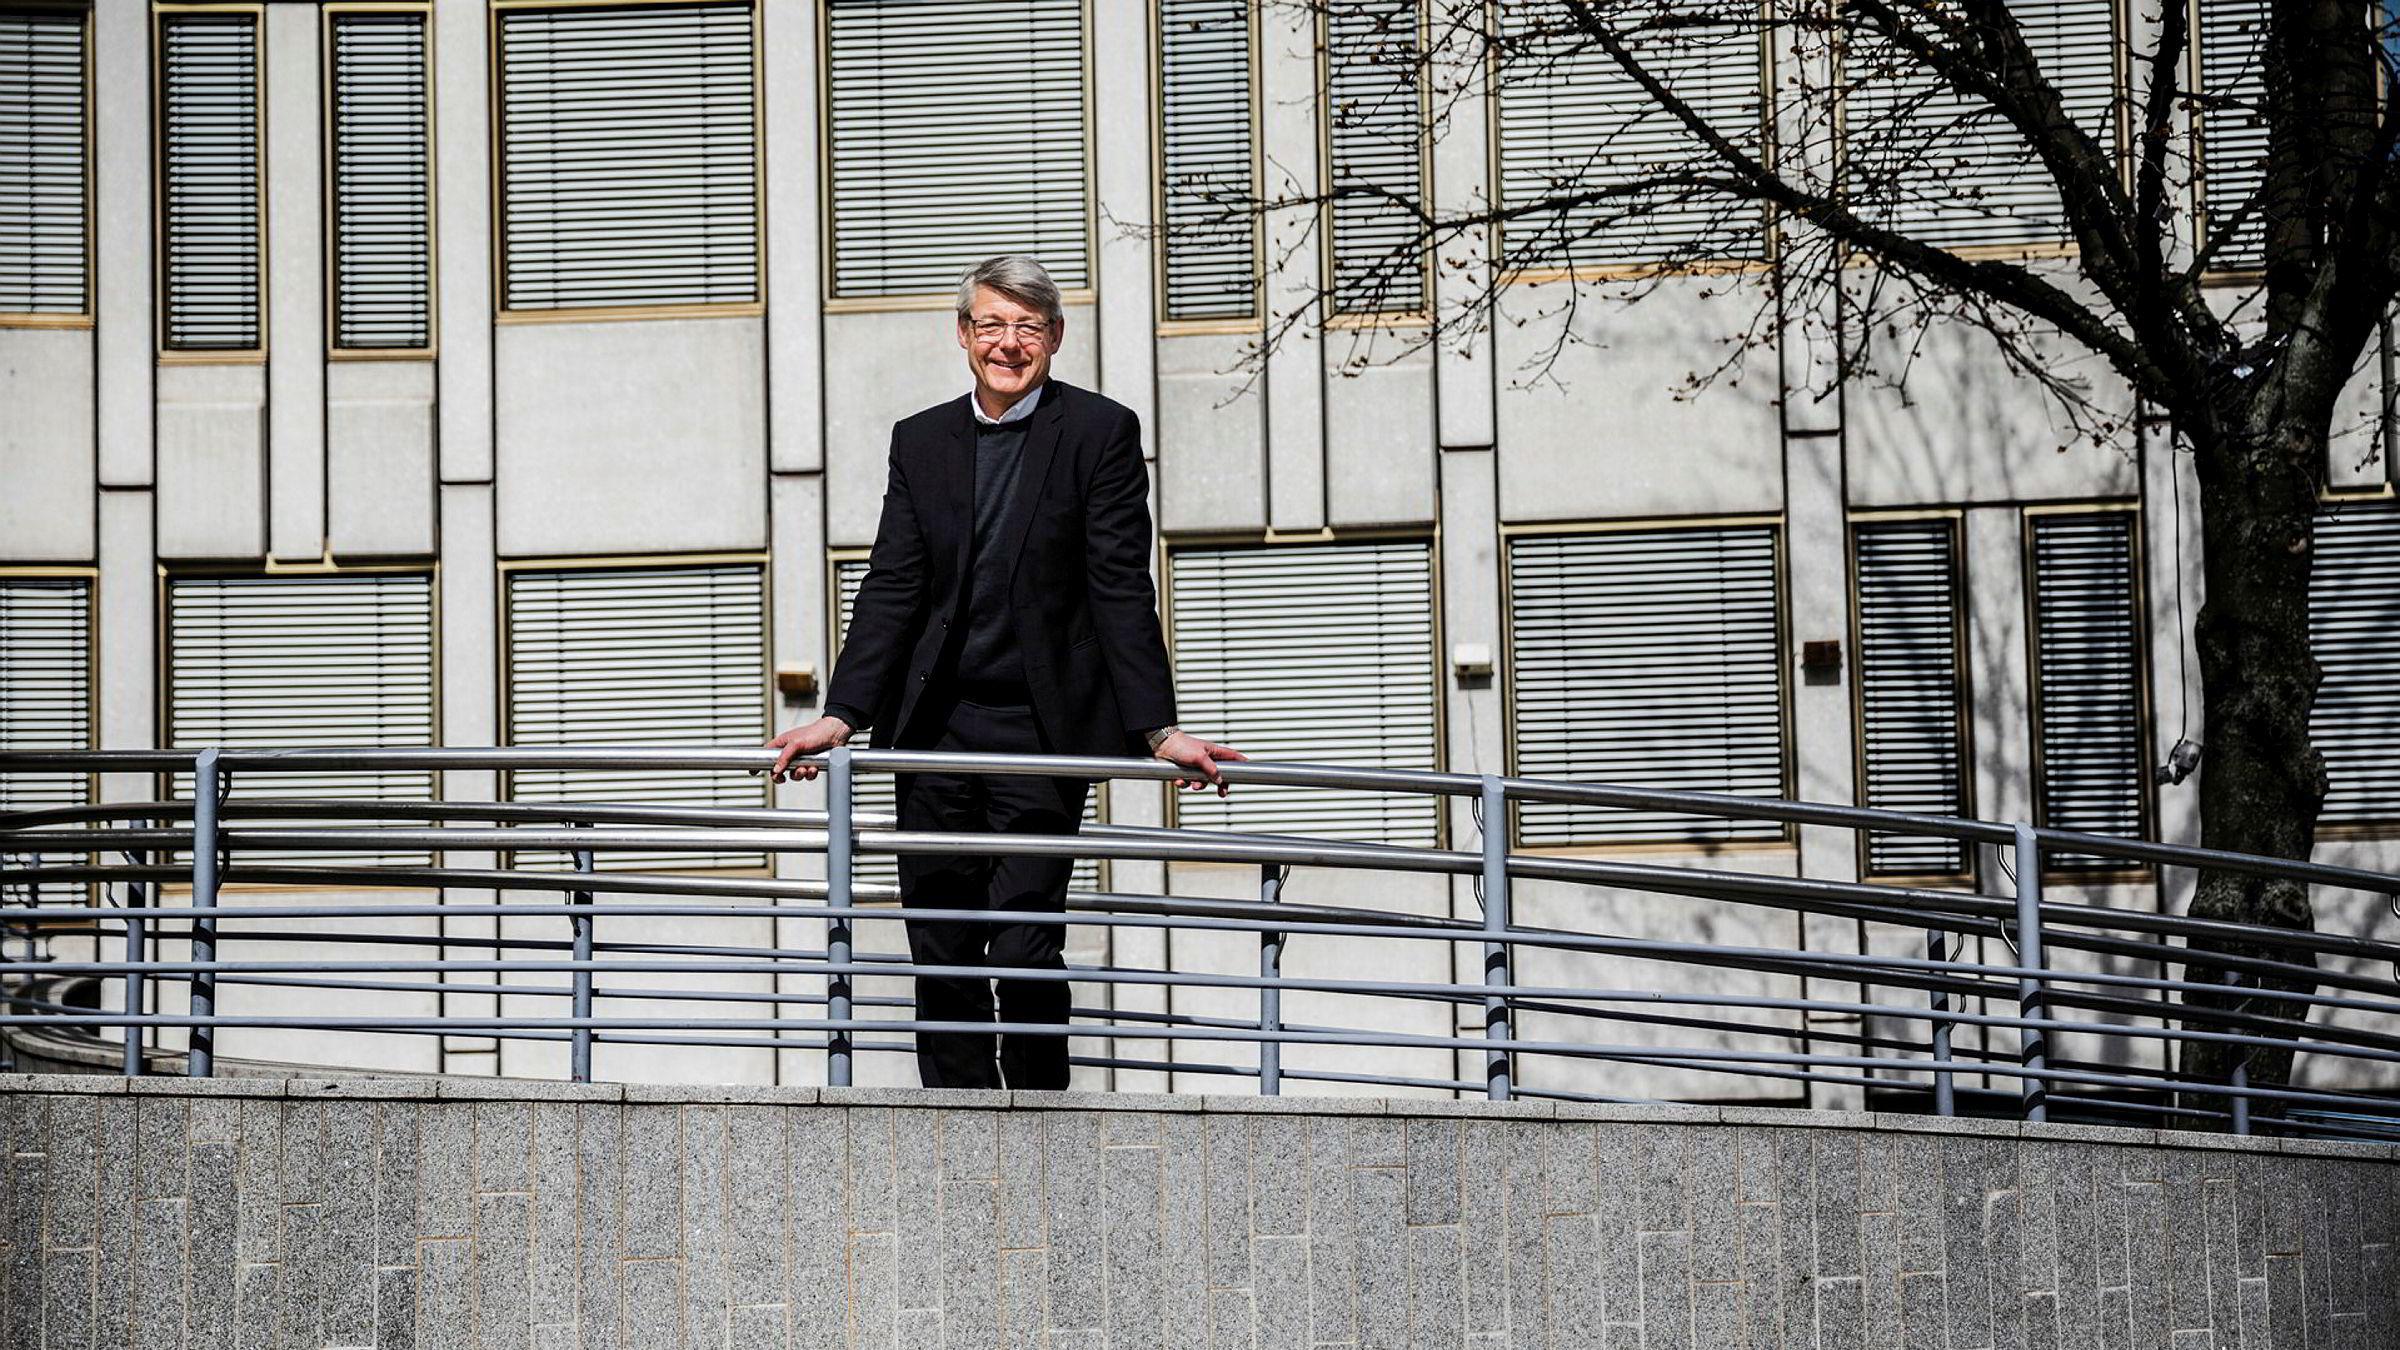 Generalsekretær Morten Andreas Meyer i interesseorganisasjonen Huseierne krever umiddelbare rentekutt fra bankene.